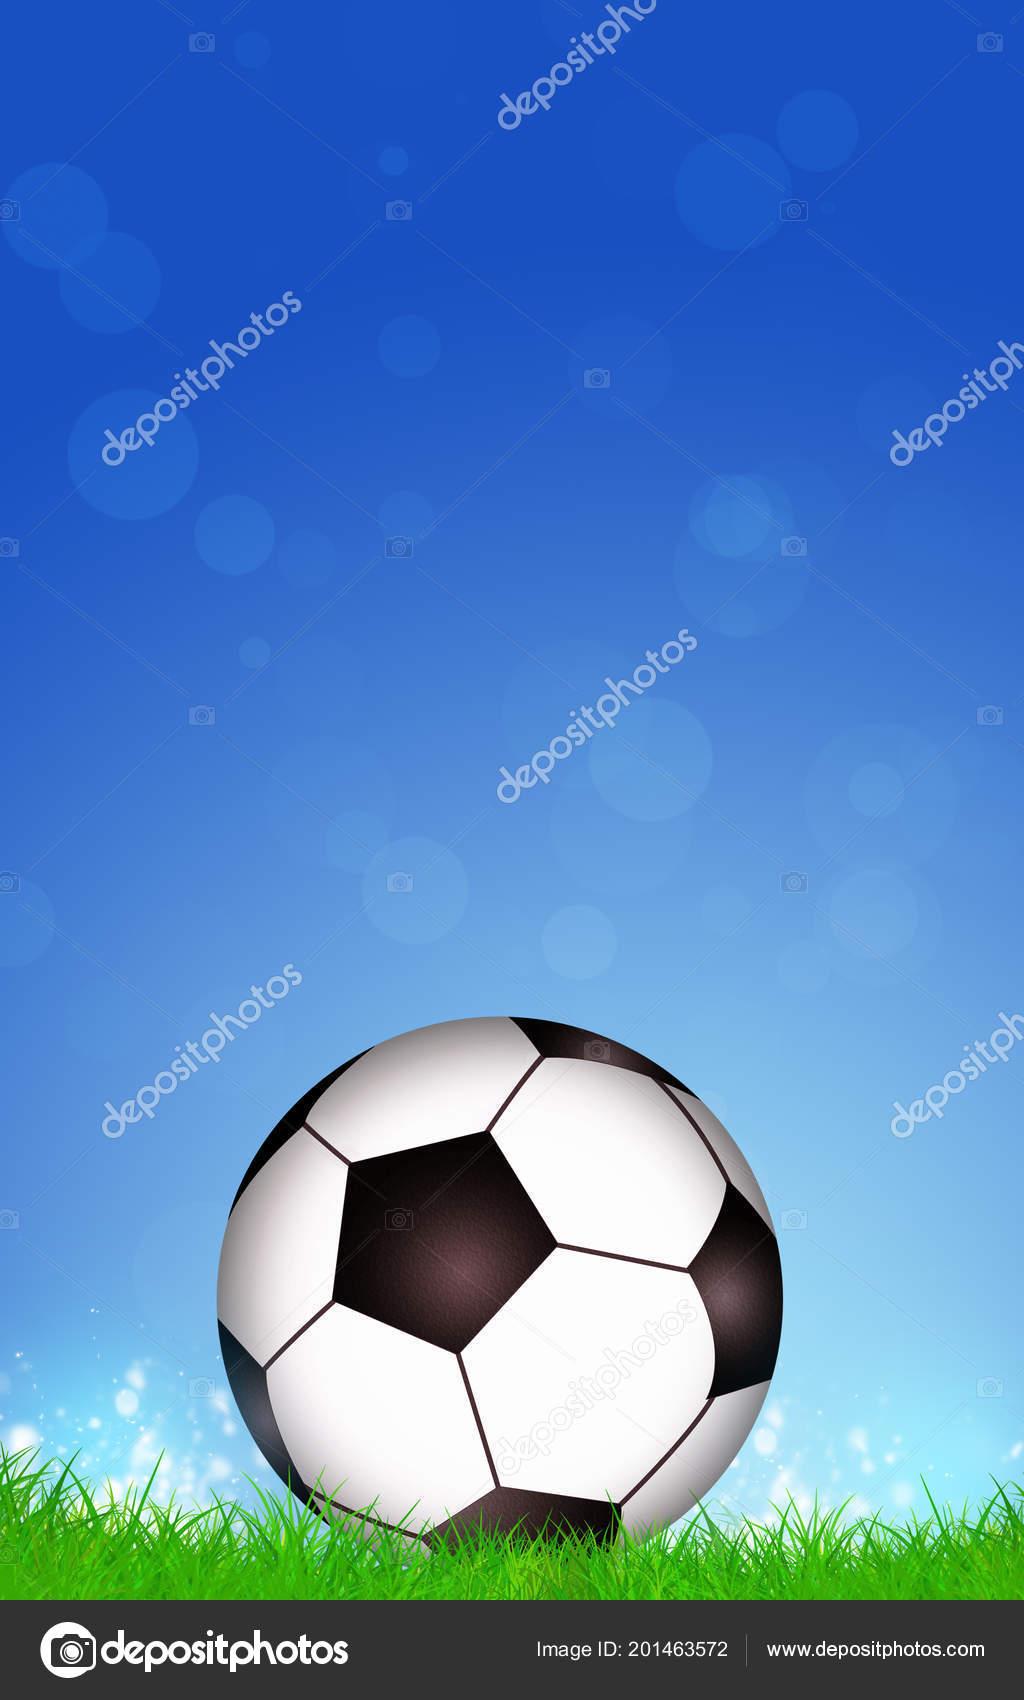 Sfondo Blu Sport Sfondo Blu Sport Attivo Con Una Sfera Calcio